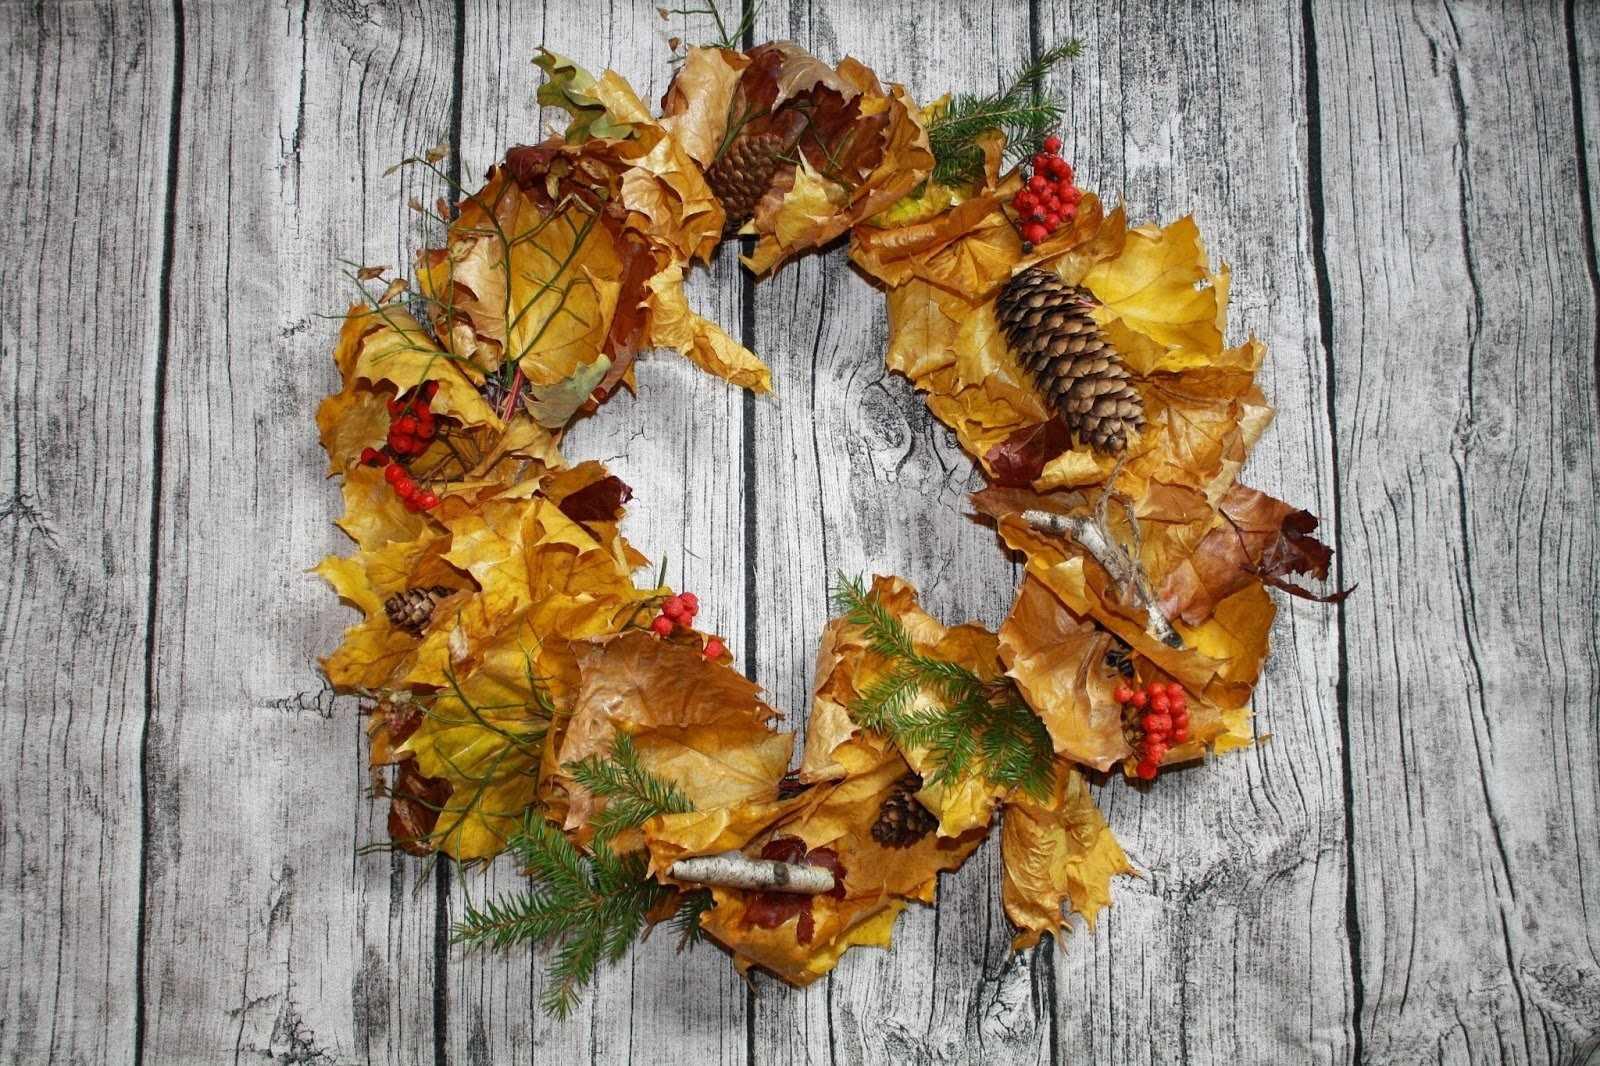 Композиция из листьев и шишек